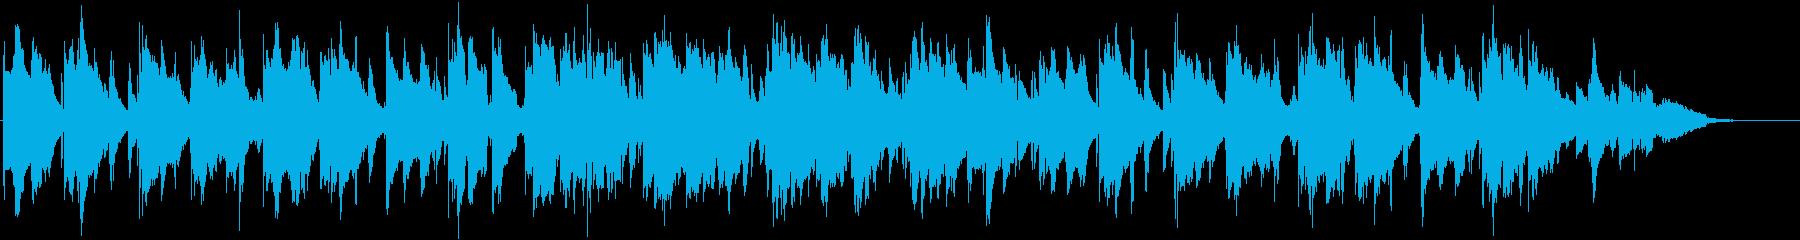 伝統的 ジャズ ビバップ 壮大 バ...の再生済みの波形